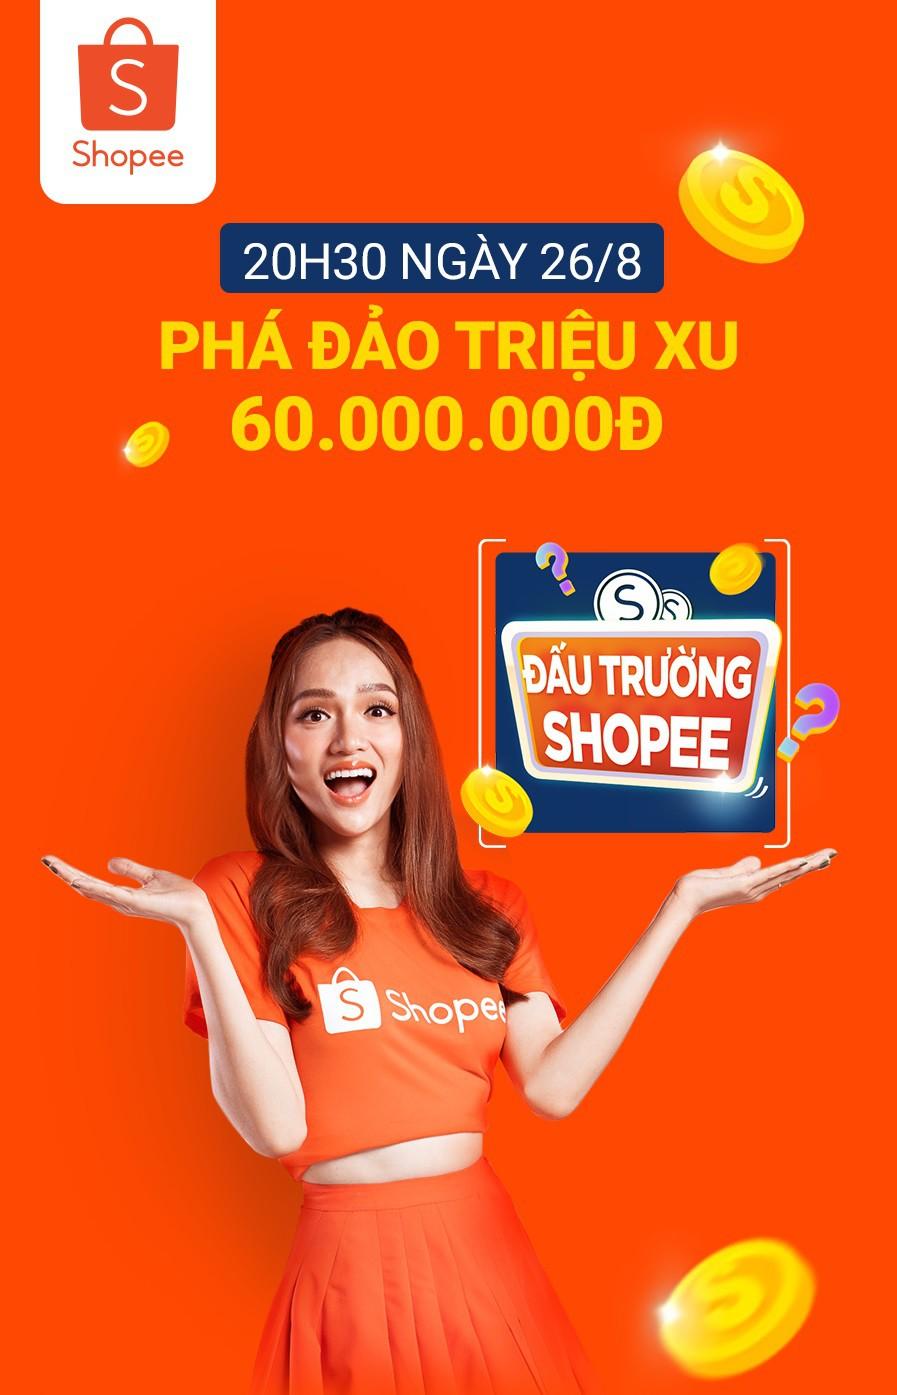 Cùng xem Hương Giang livestream bày cách tán đổ crush một phát ăn ngay và rinh liền tay quà khủng lên đến 200 triệu đồng! - Ảnh 3.